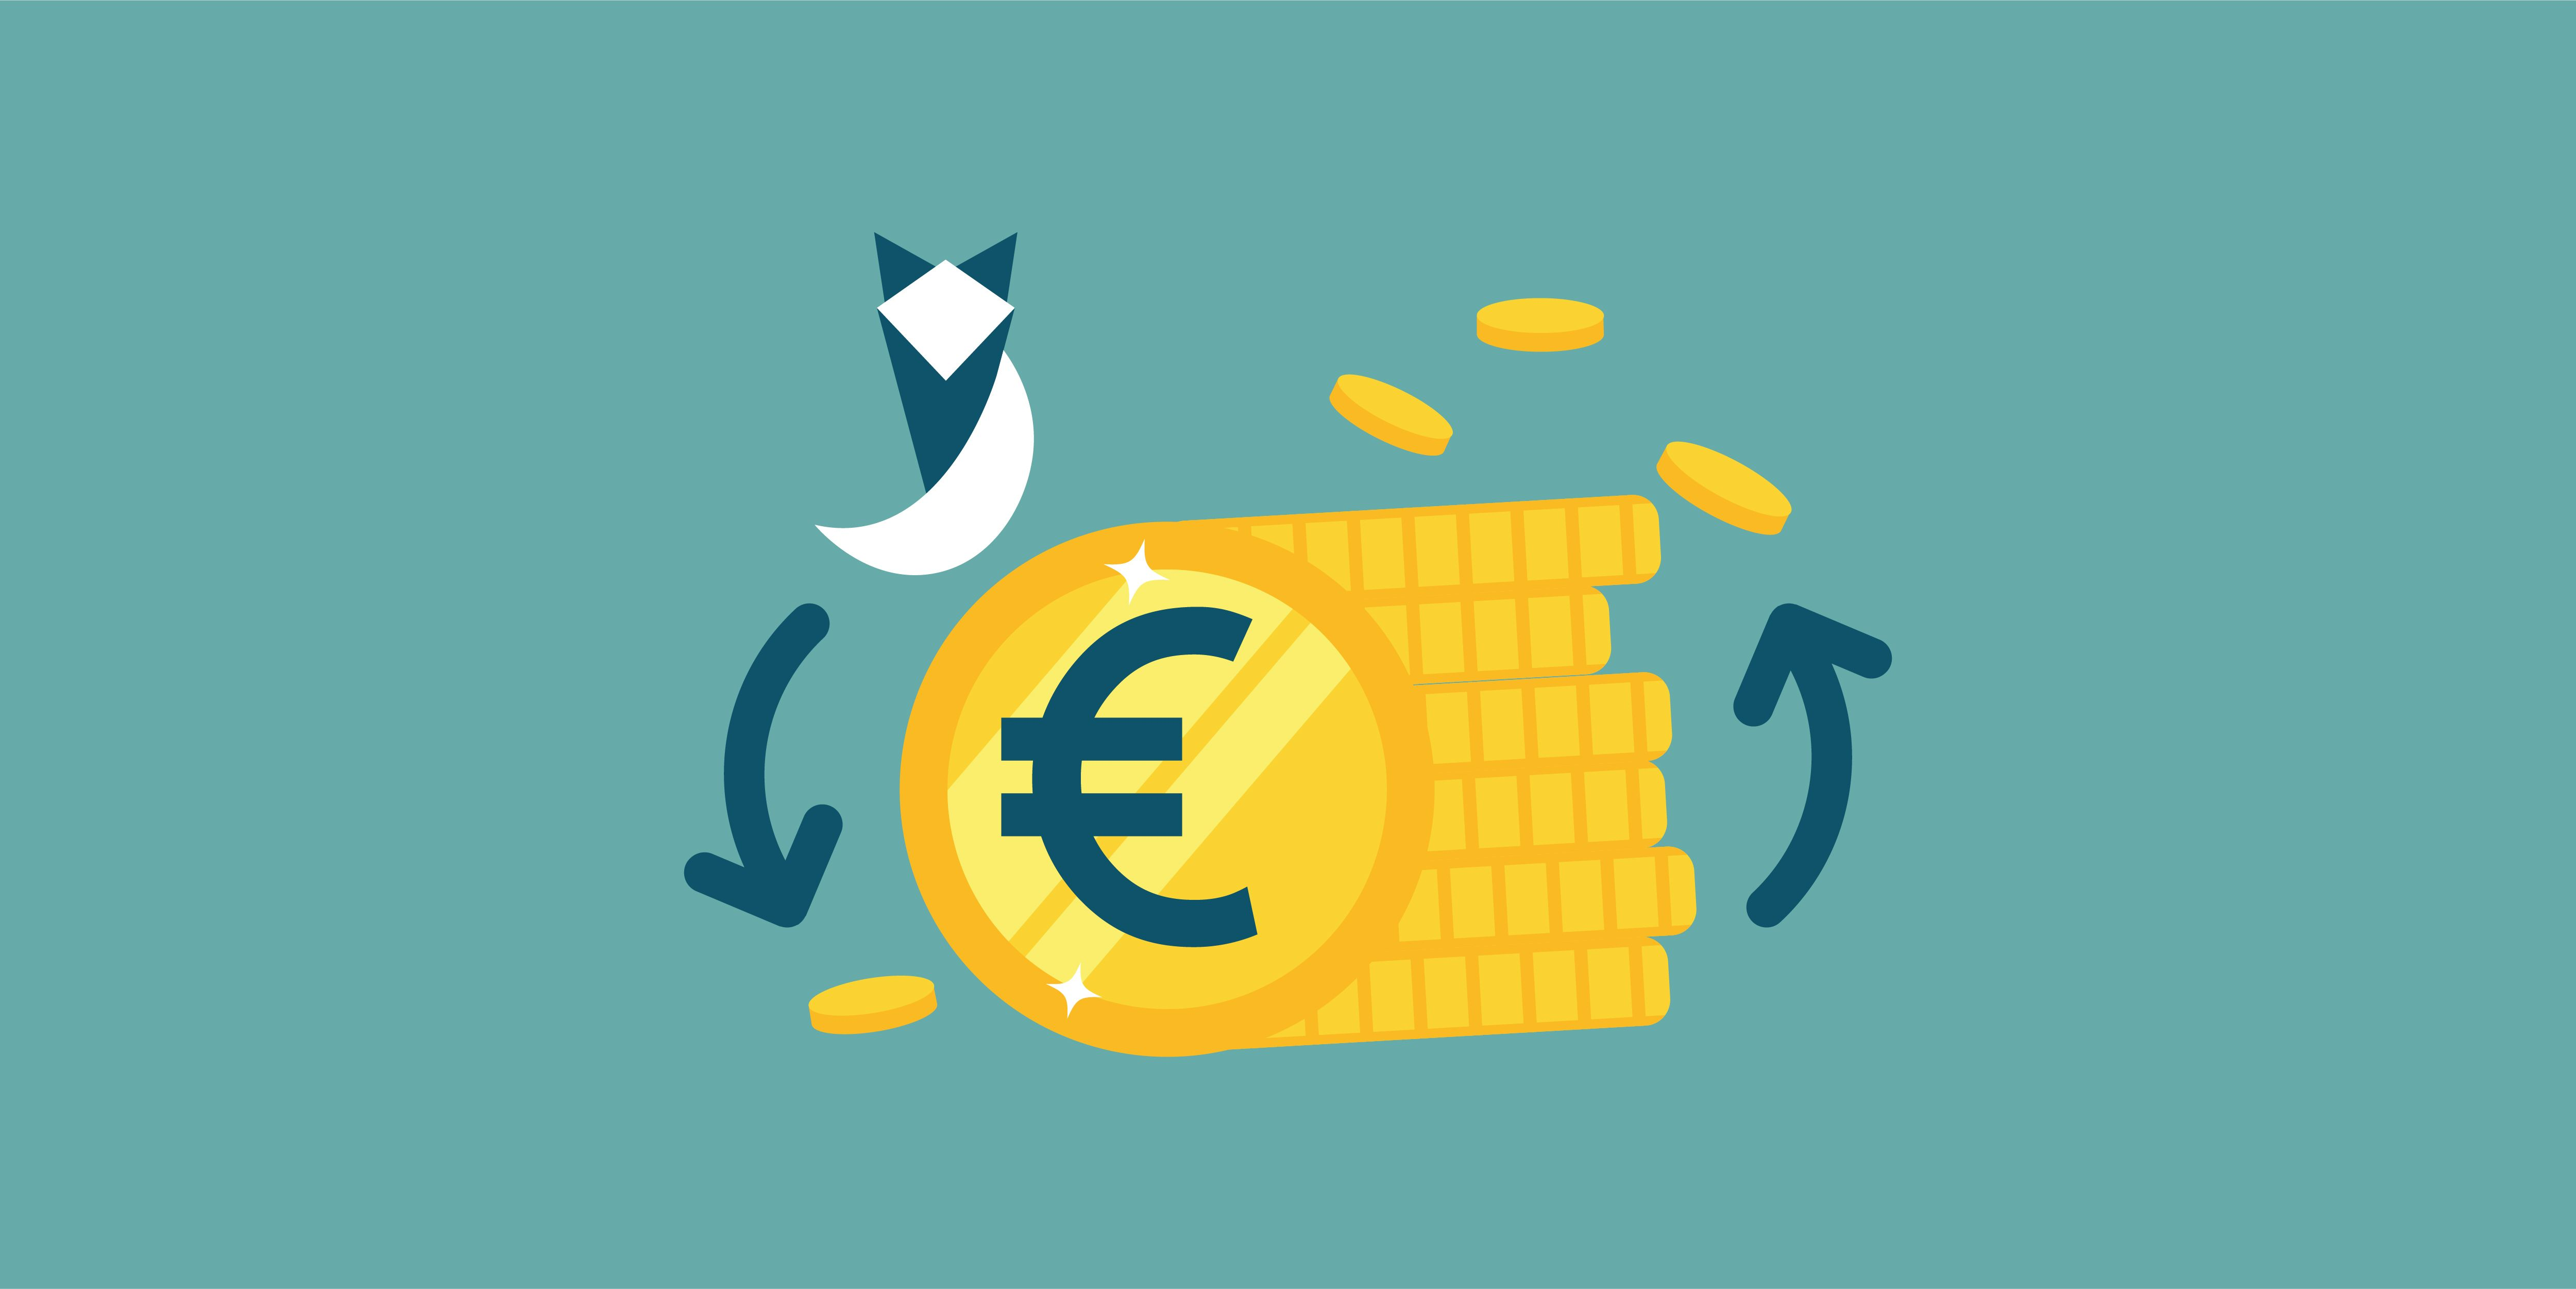 أسعار اليورو في البنوك المصرية اليوم 14 سبتمبر 2021